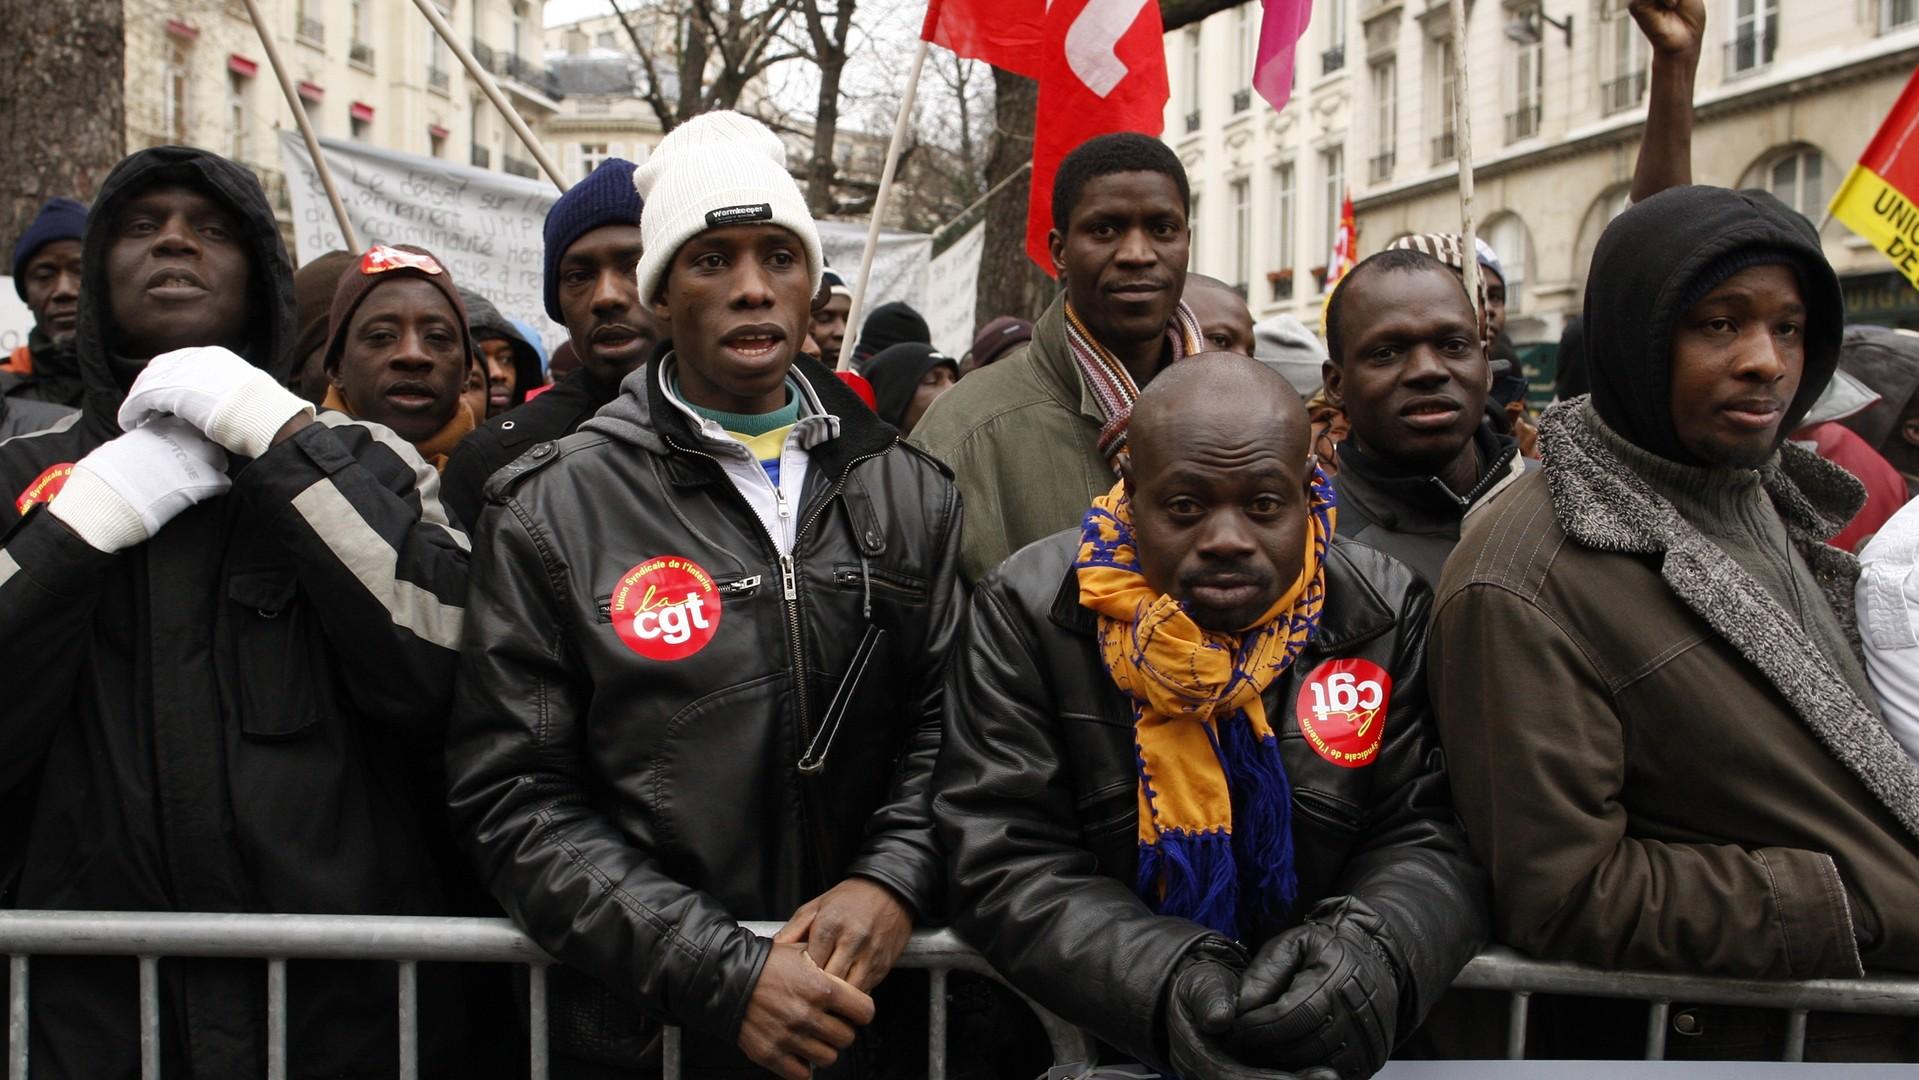 La hausse du budget militaire aggravera les problèmes sociaux français